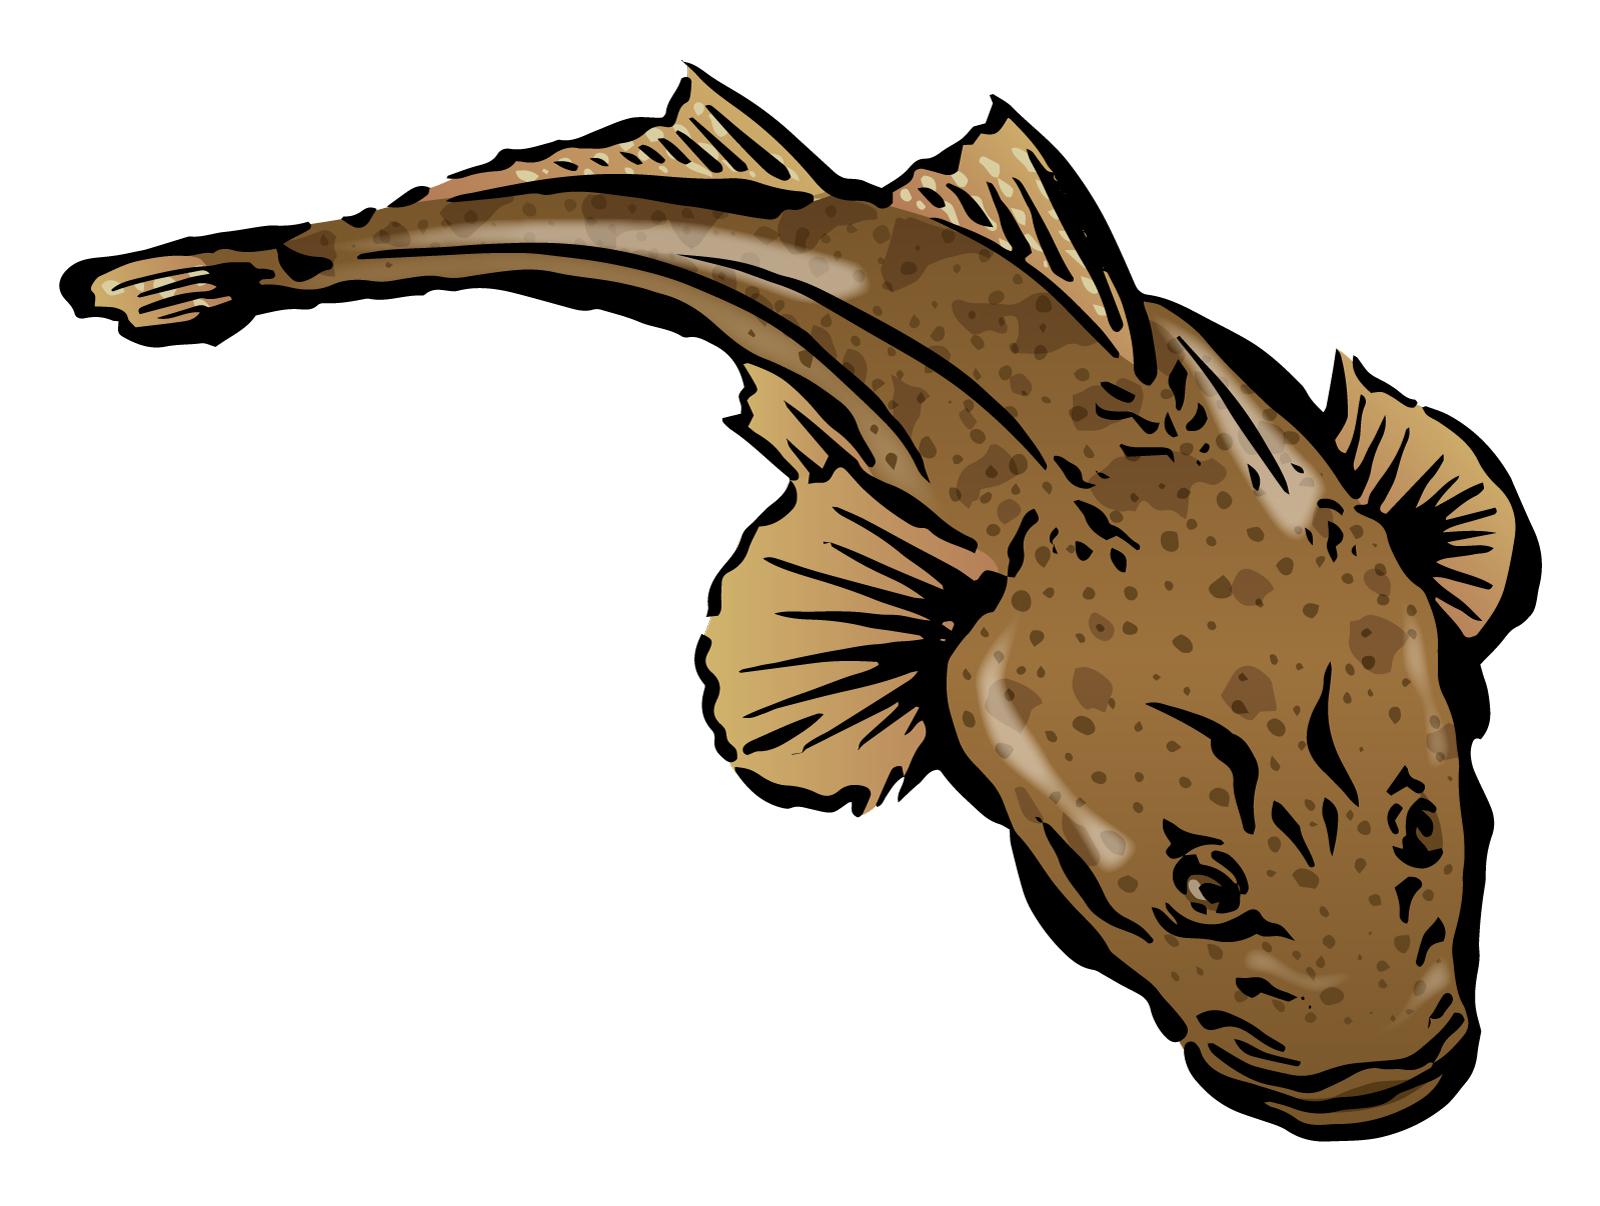 ワニゴチとは?旬な時期に食べたい美味しい魚の正体や食べ方をご紹介!